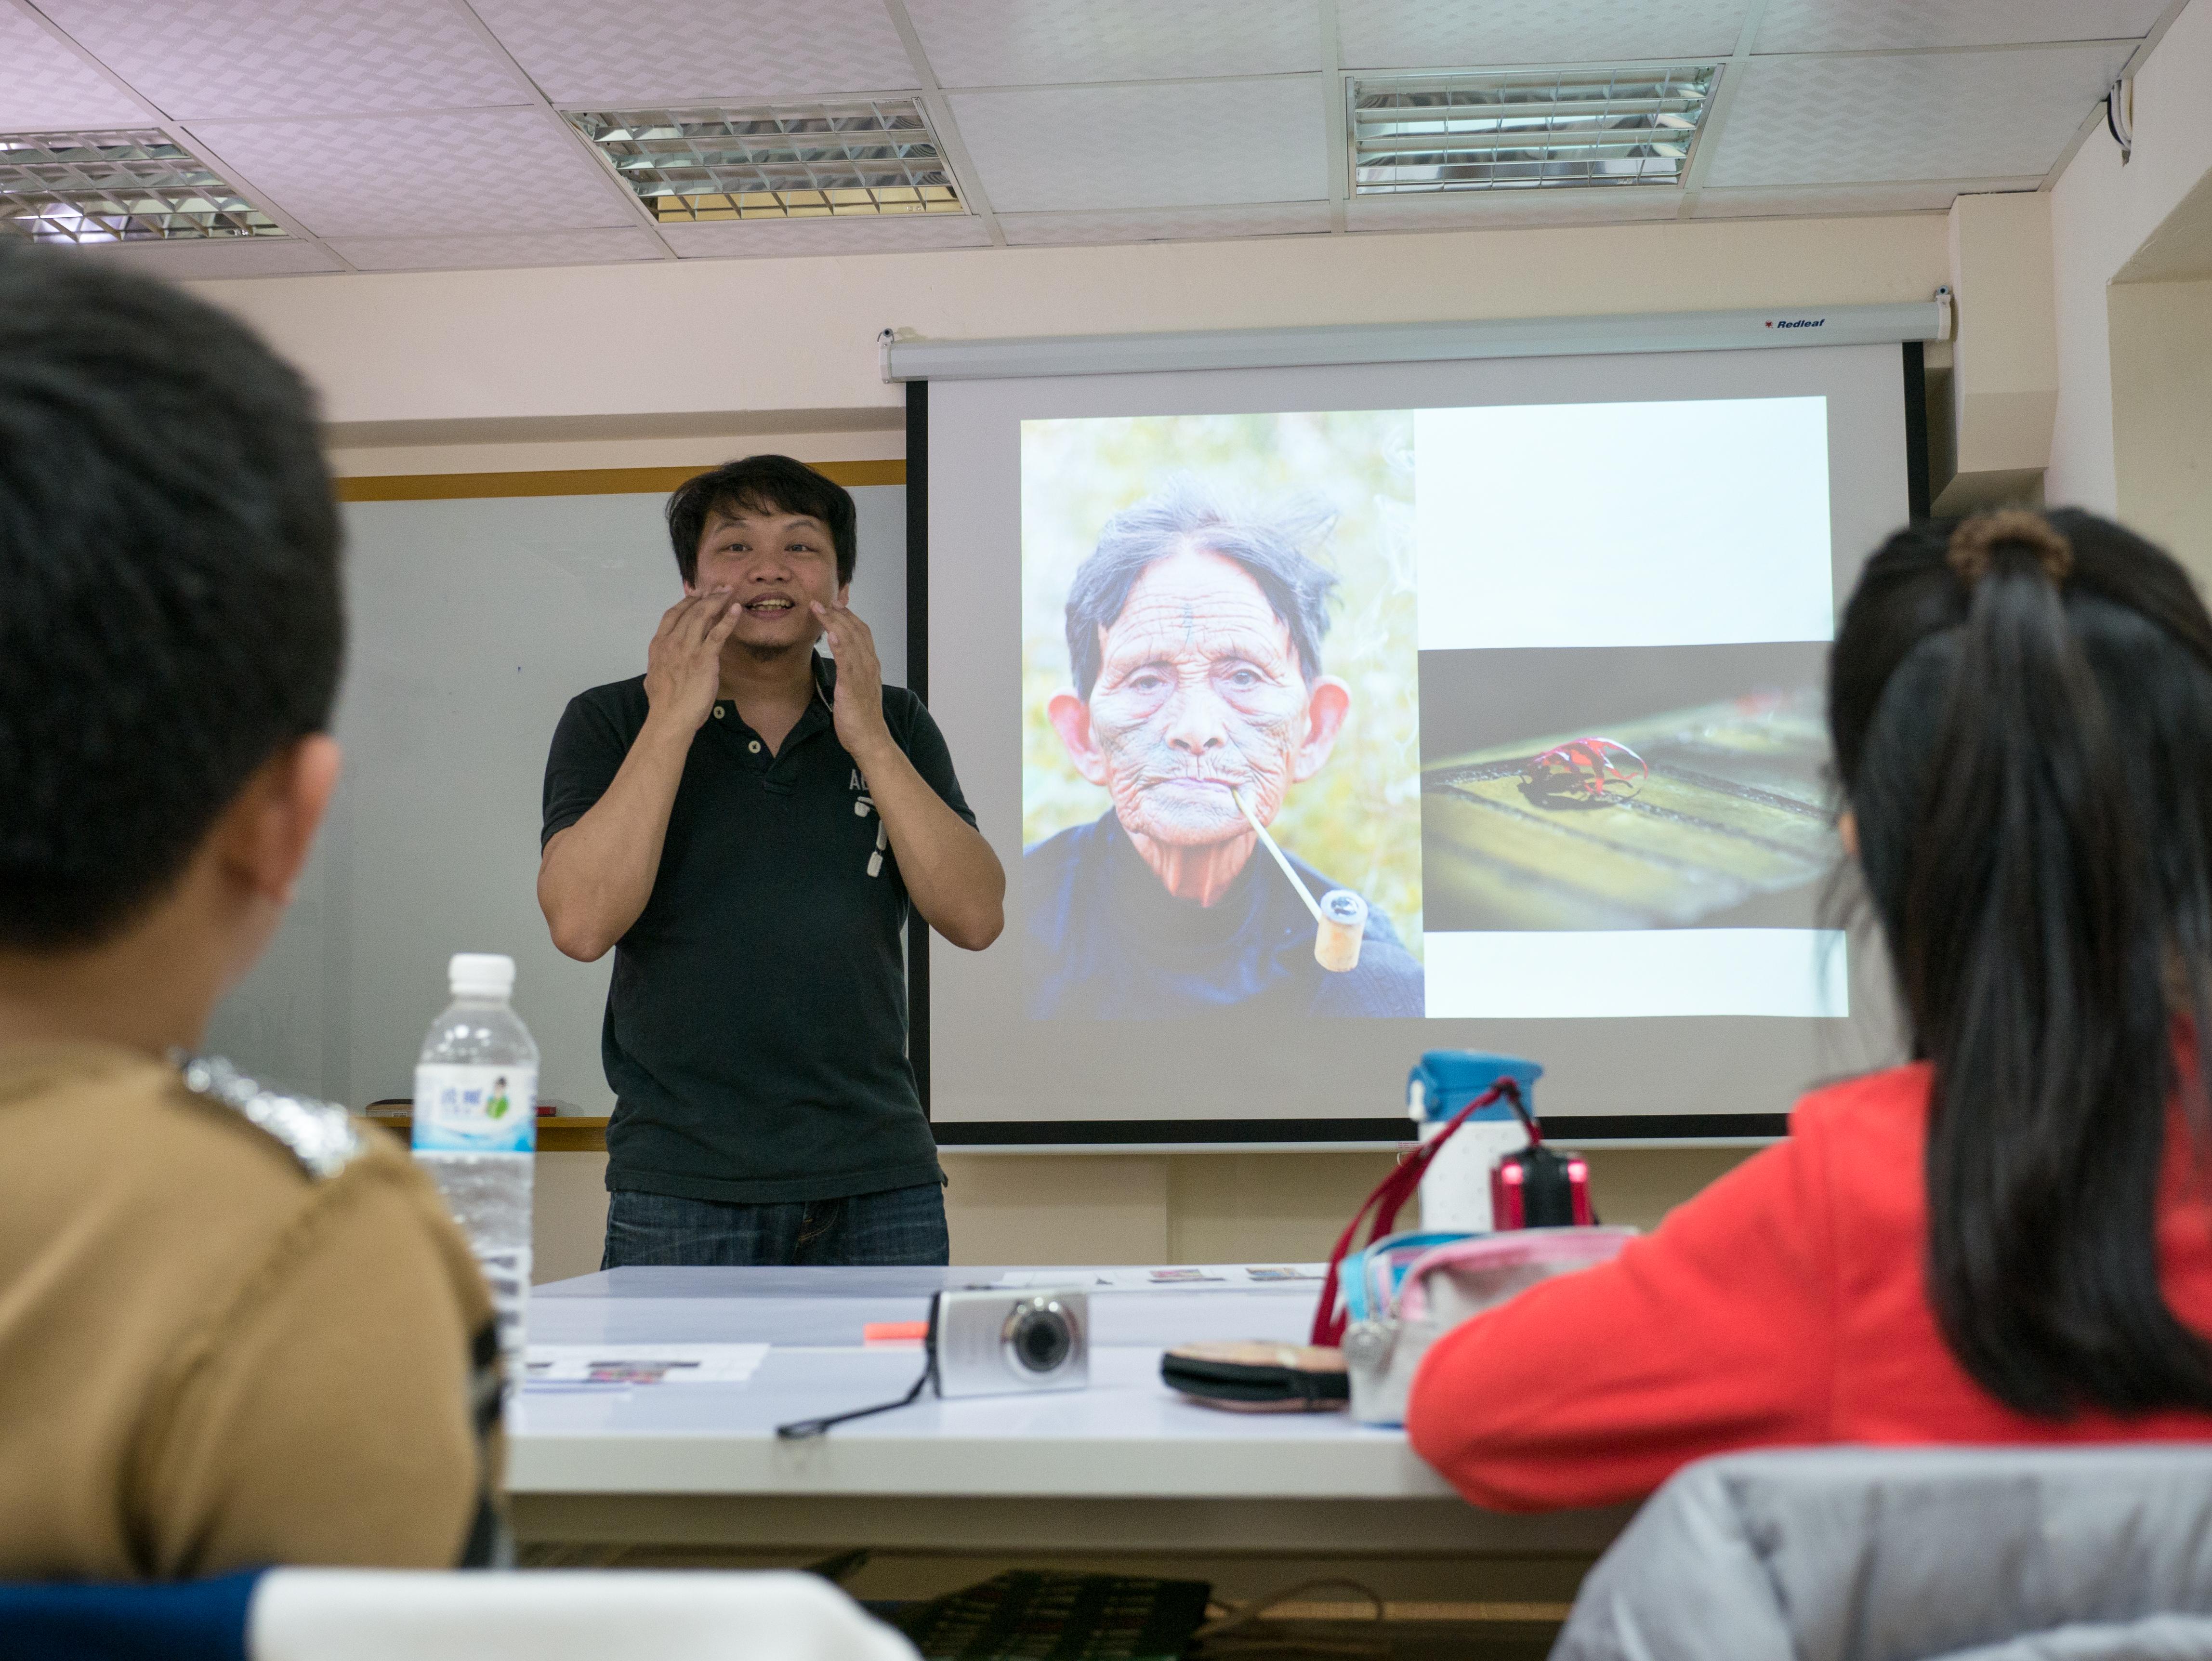 攝影營三天的課程大綱內容。